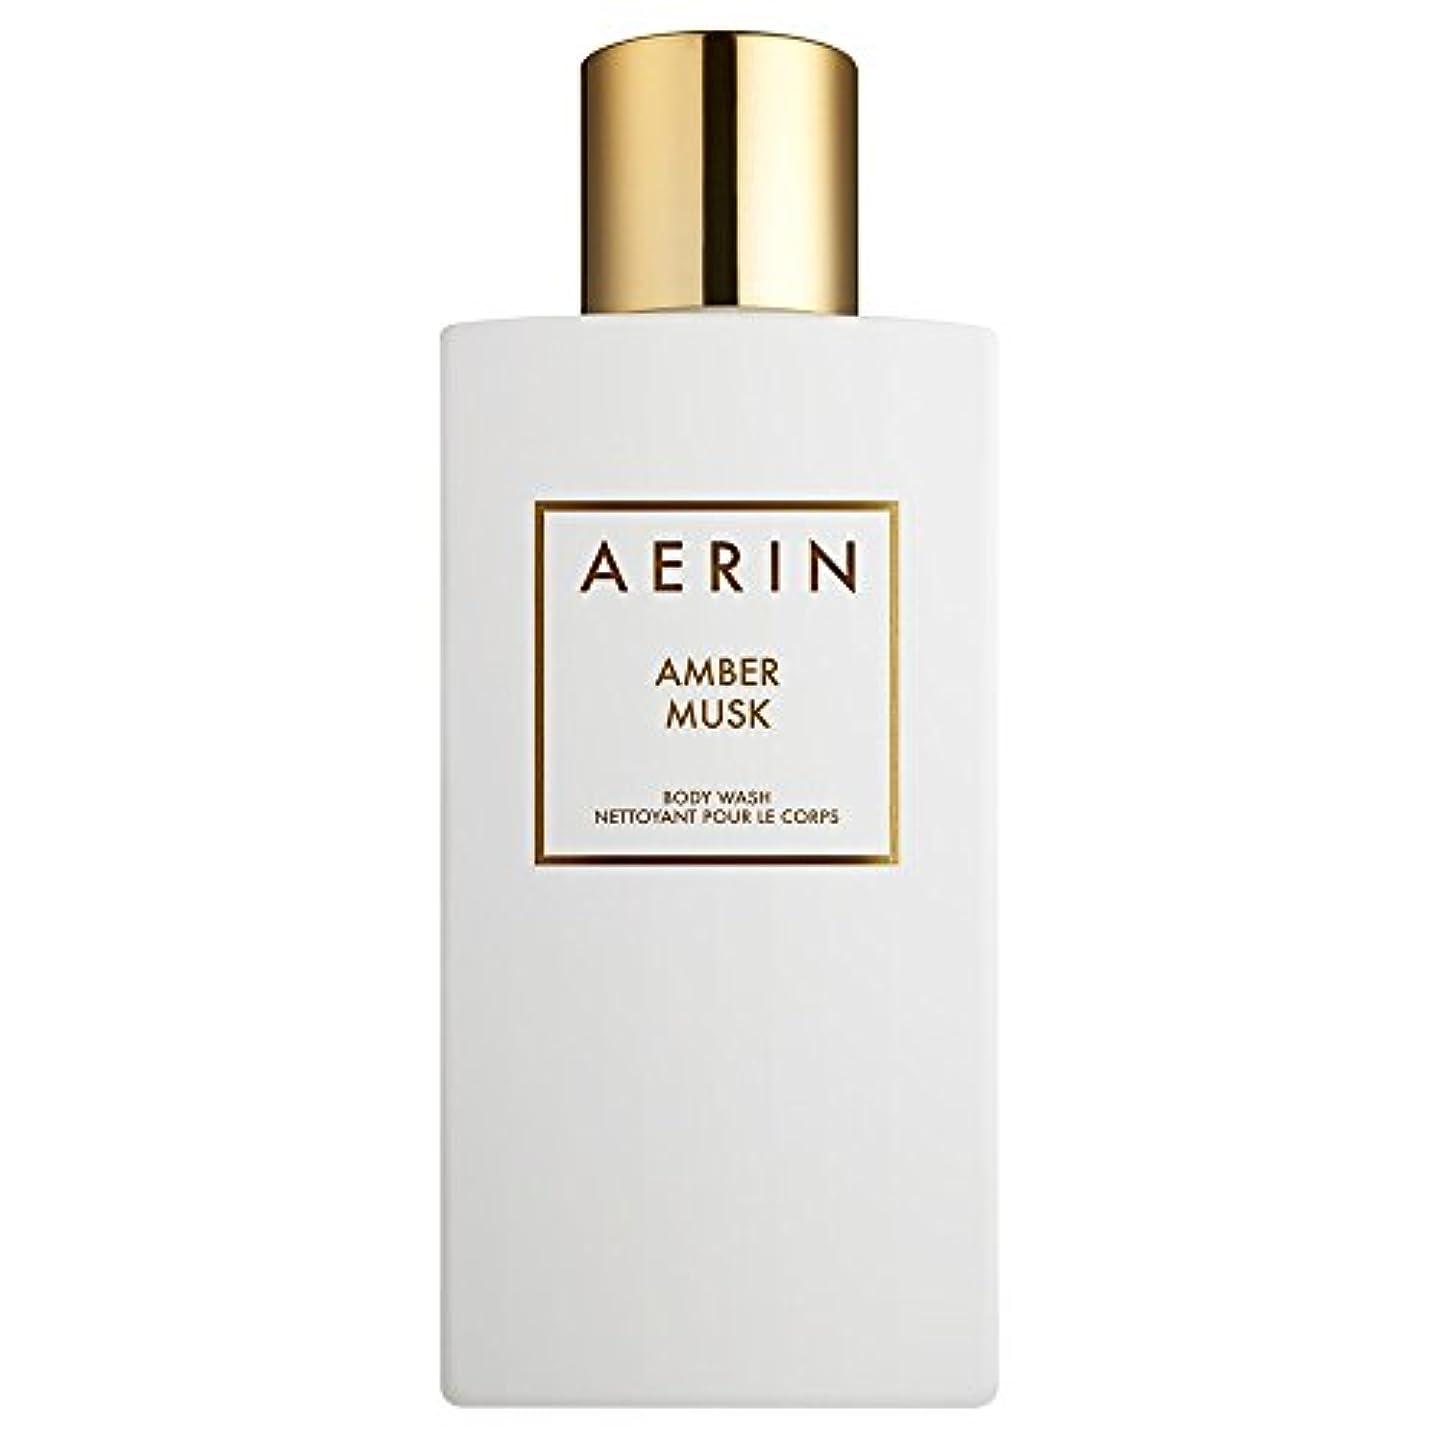 システムリード見捨てるAerinアンバームスクボディウォッシュ225ミリリットル (AERIN) - AERIN Amber Musk Bodywash 225ml [並行輸入品]